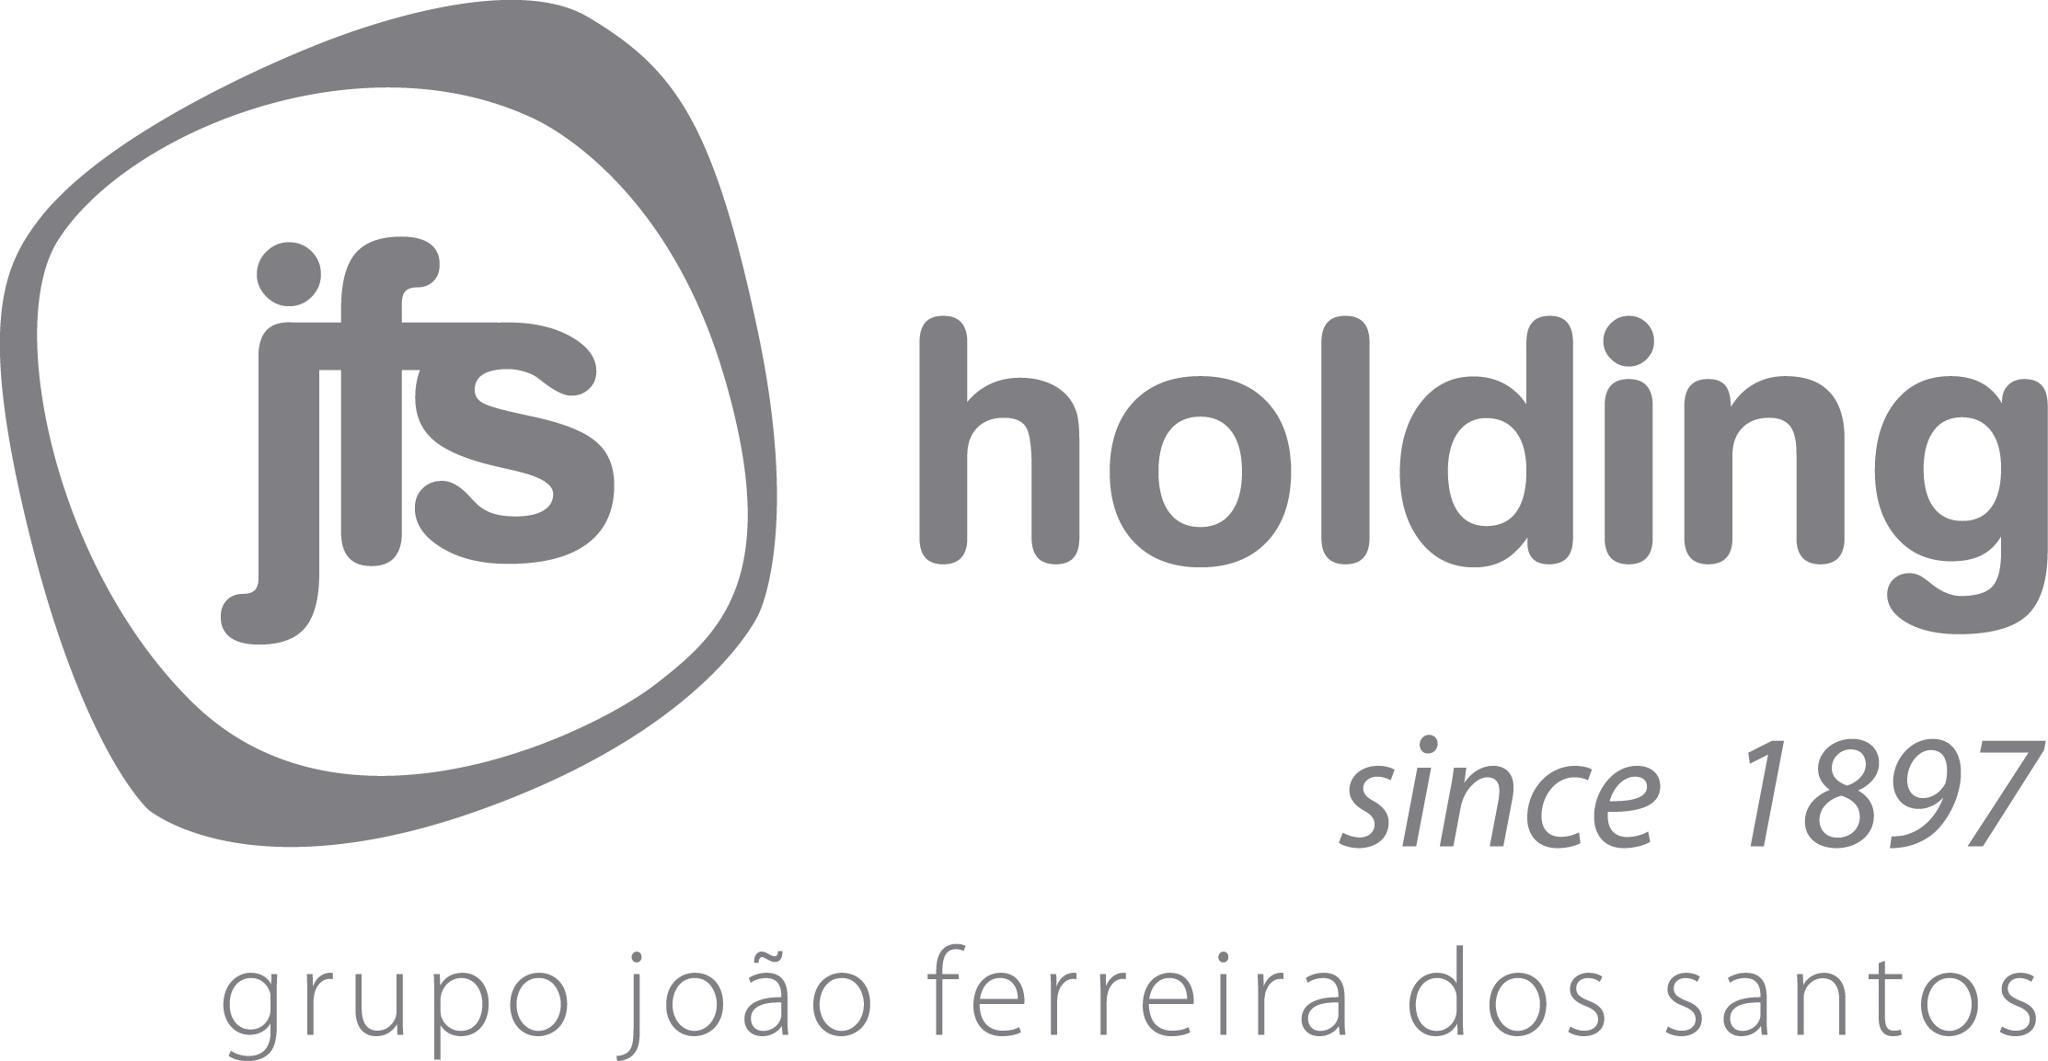 Grupo JFS Holding.jpg